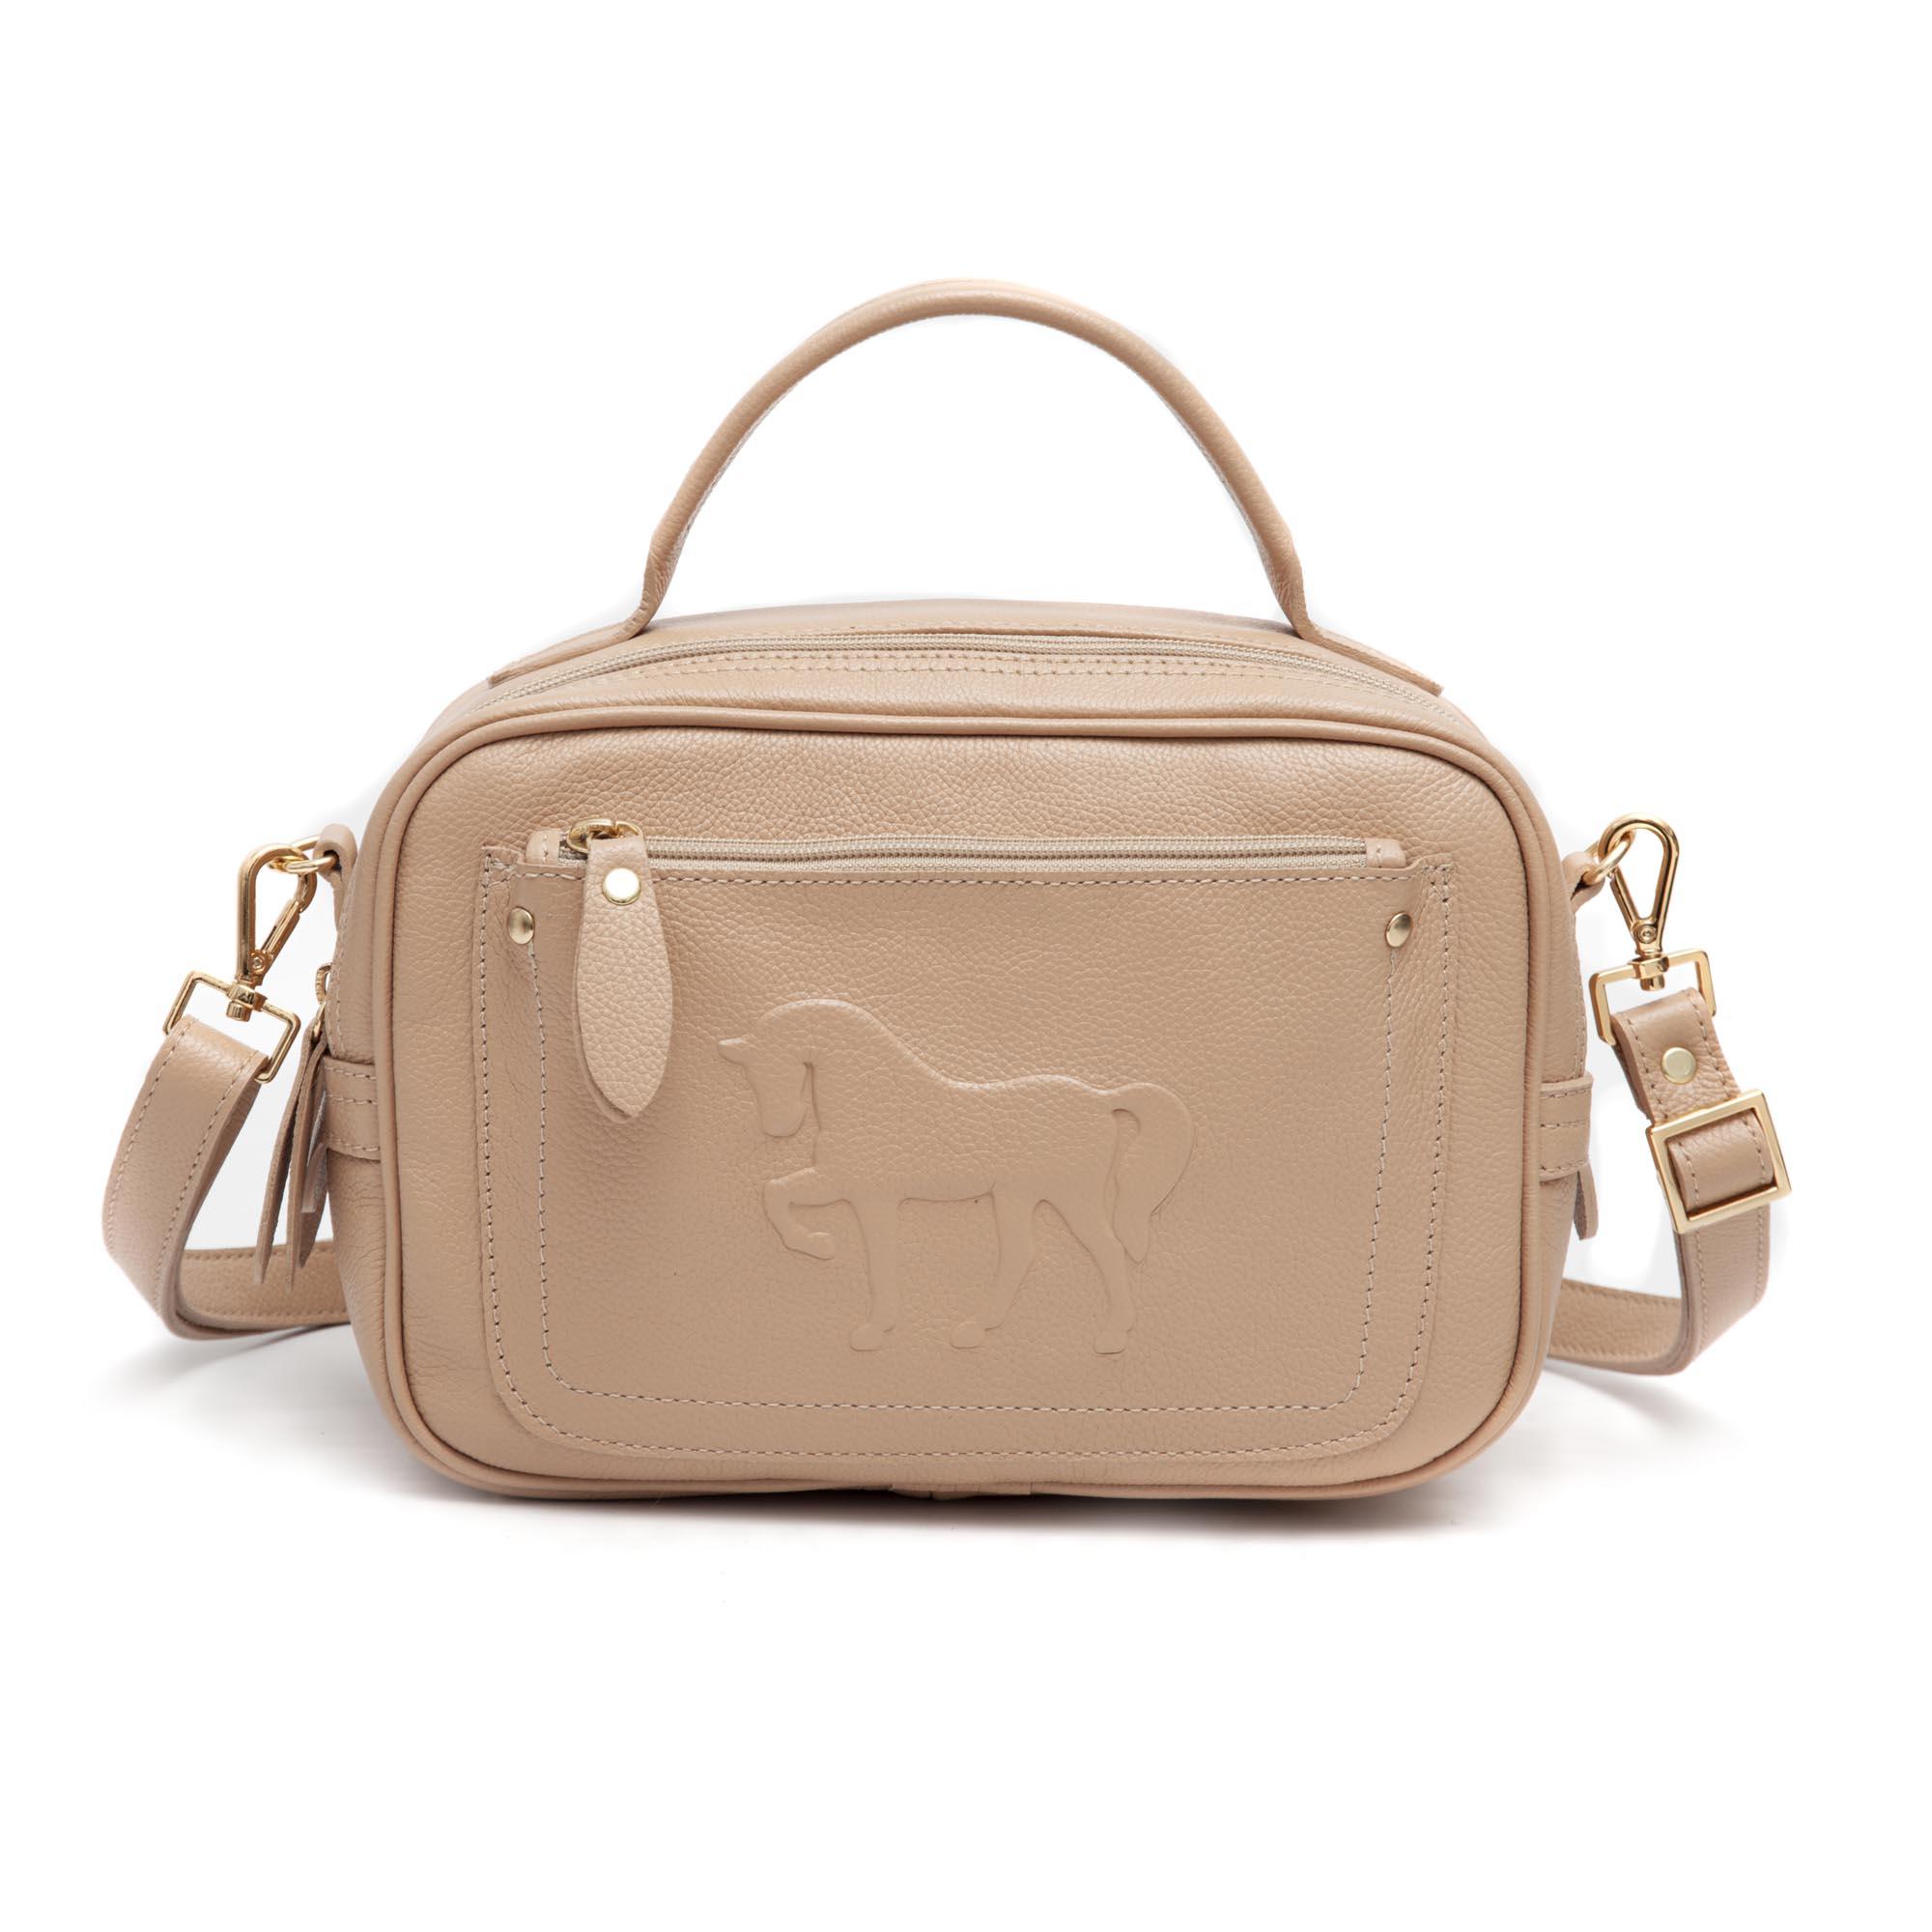 Bolsa Chiara em couro legítimo com cavalo em relevo